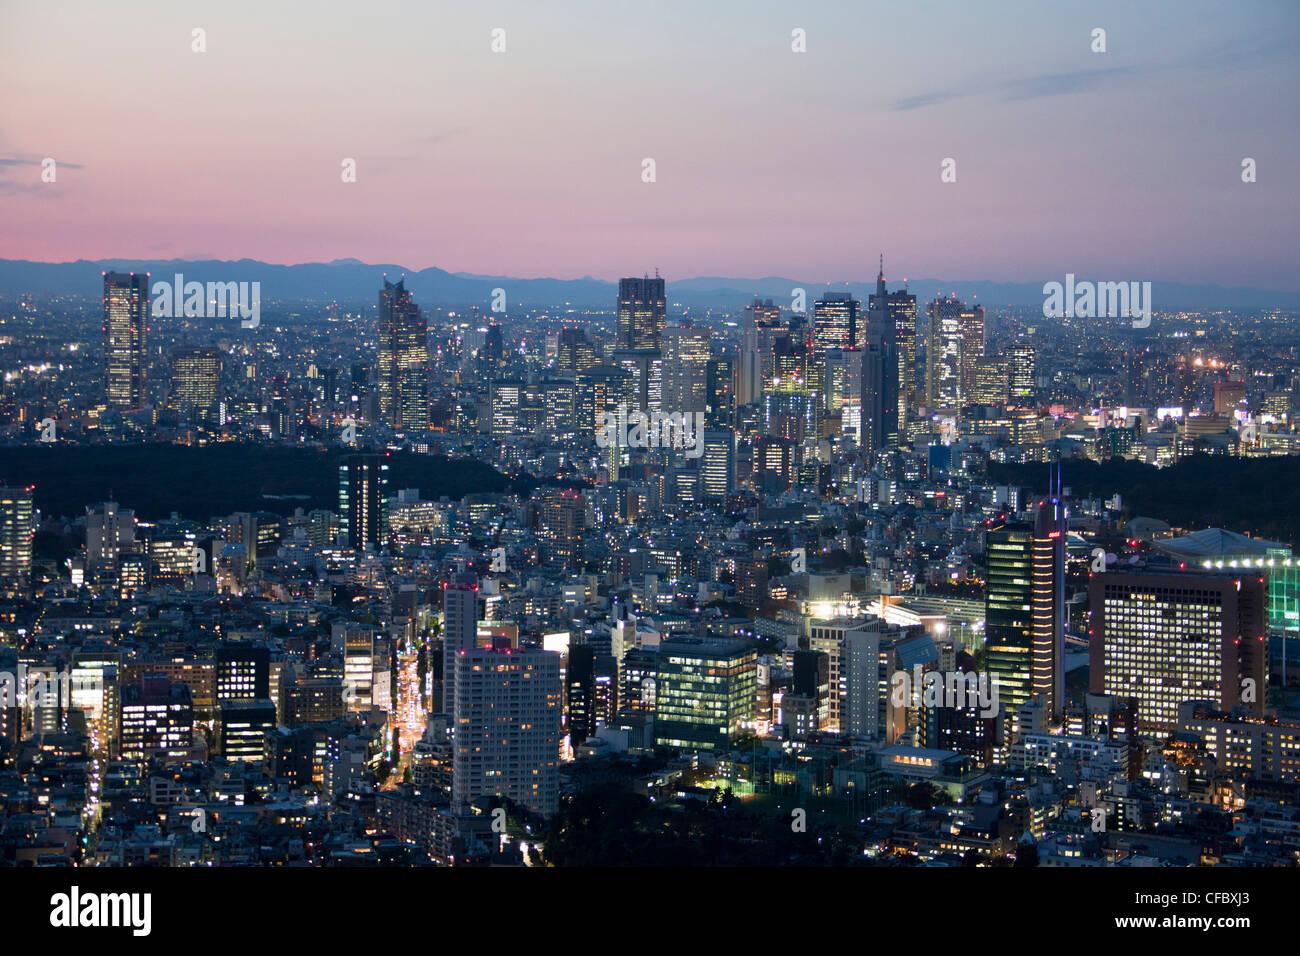 Japón, Asia, Tokio, ciudad, puesta de sol, arquitectura, grandes, edificios de la ciudad, el centro, enormes, Imagen De Stock